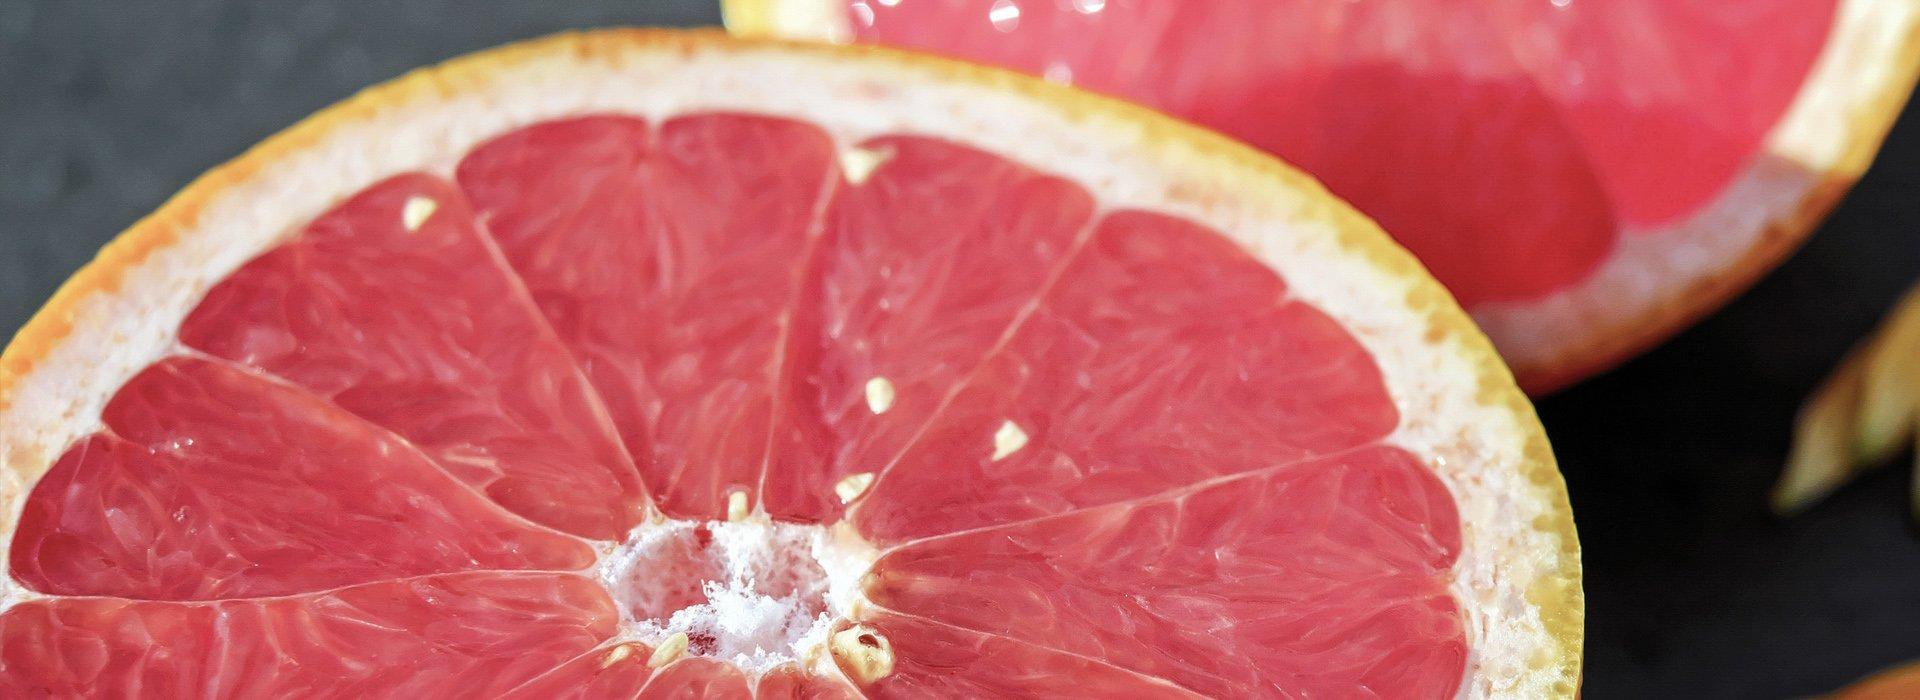 Pink grapefruit, present in Grom granita